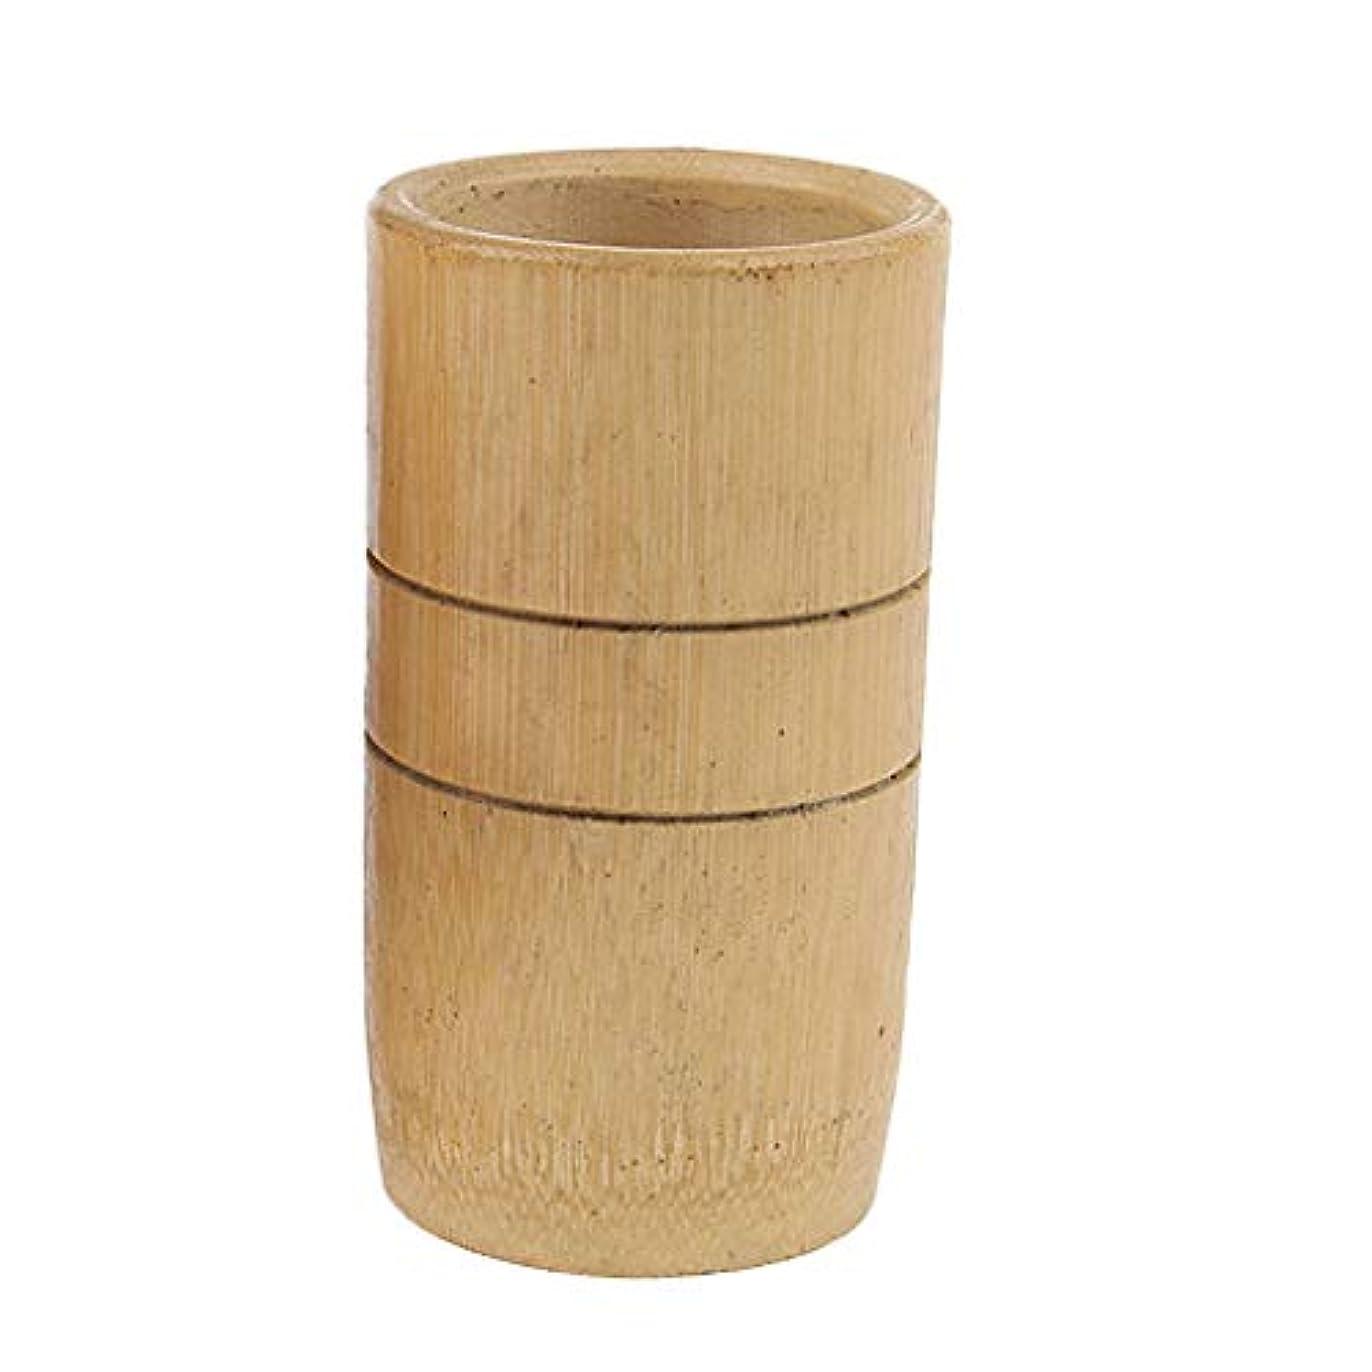 ファイナンス旅行代理店しわマッサージ吸い玉 カッピングカップ 天然竹製 サロン 家庭用 2個入